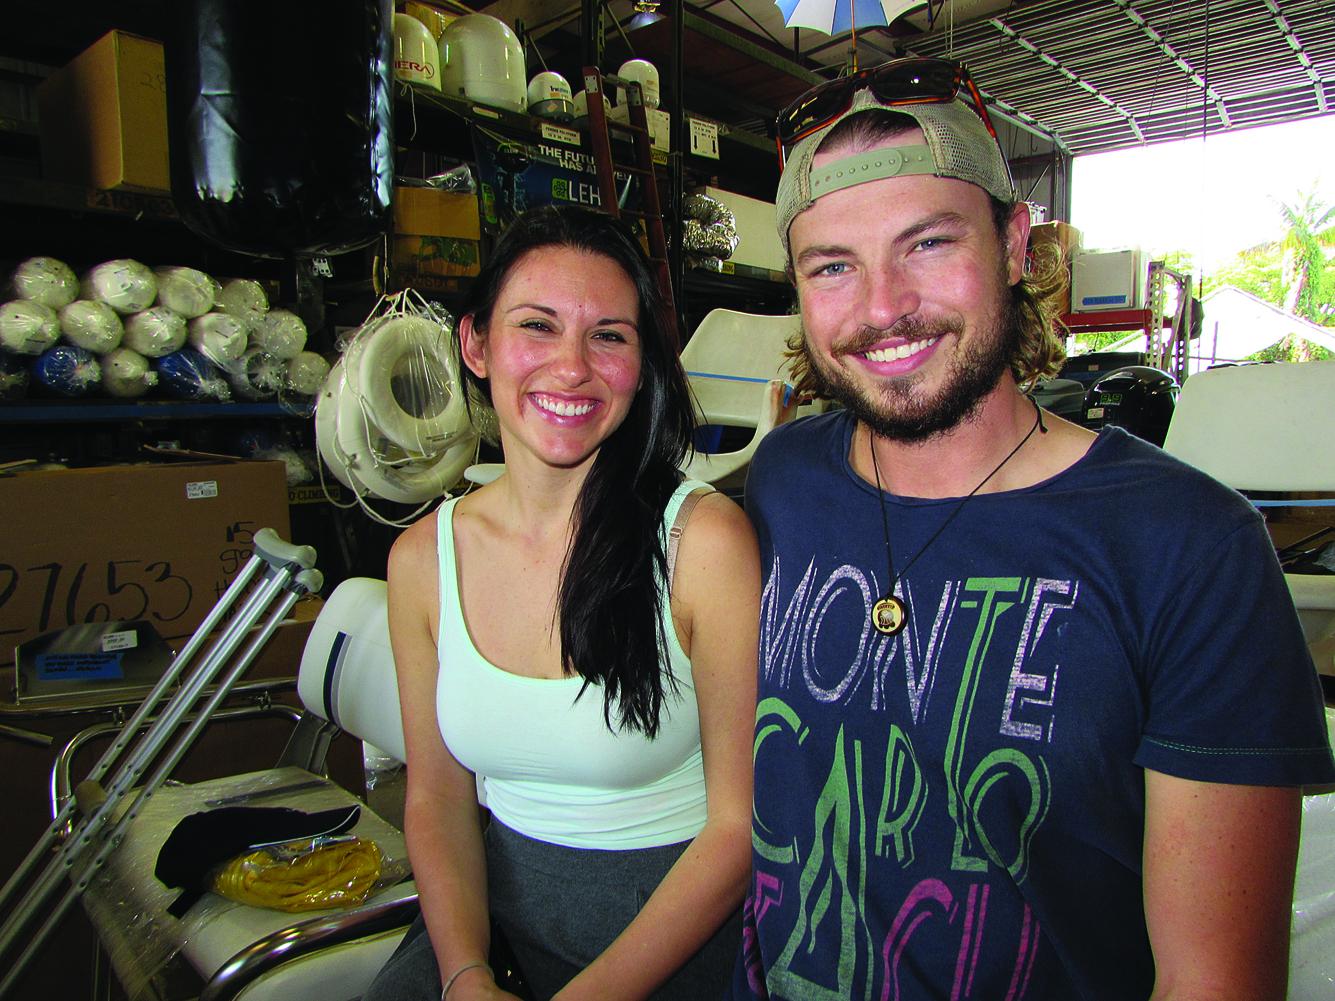 Stew Desiree Golen and Deckhand Jordan Wicht plan a circumnavigation on a 30-foot sailboat. PHOTO/DORIE COX